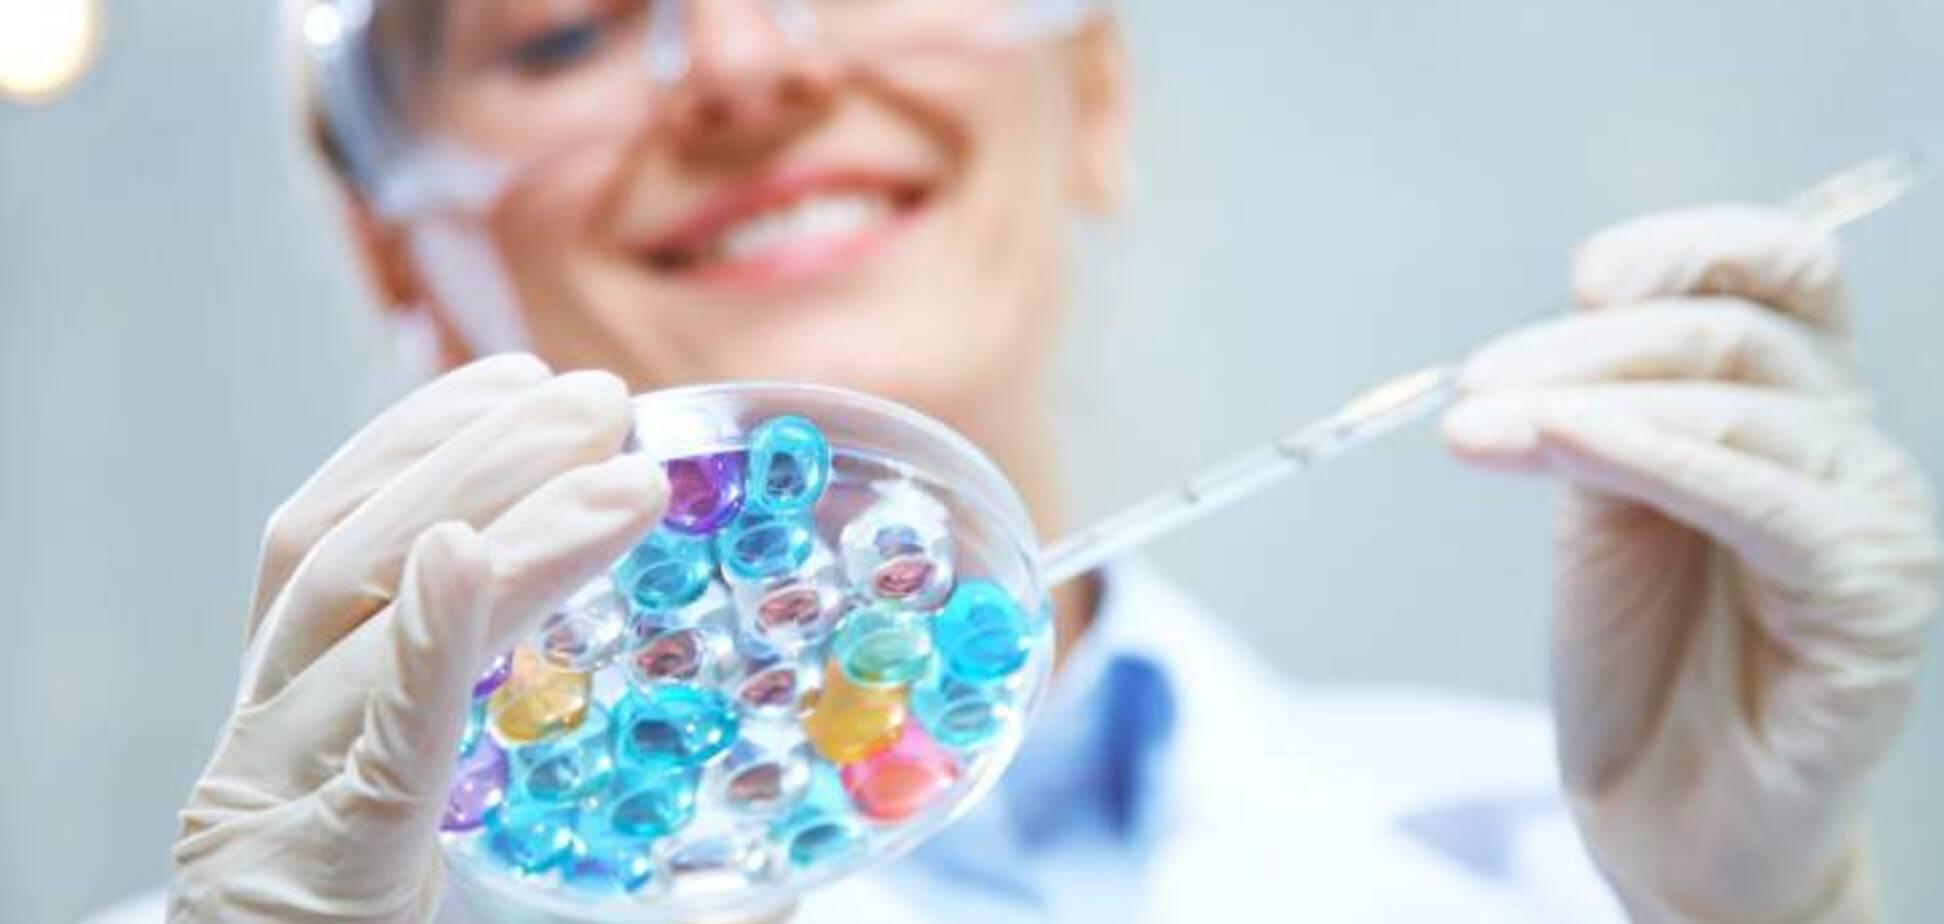 ЭКО: перенос эмбрионов в матку